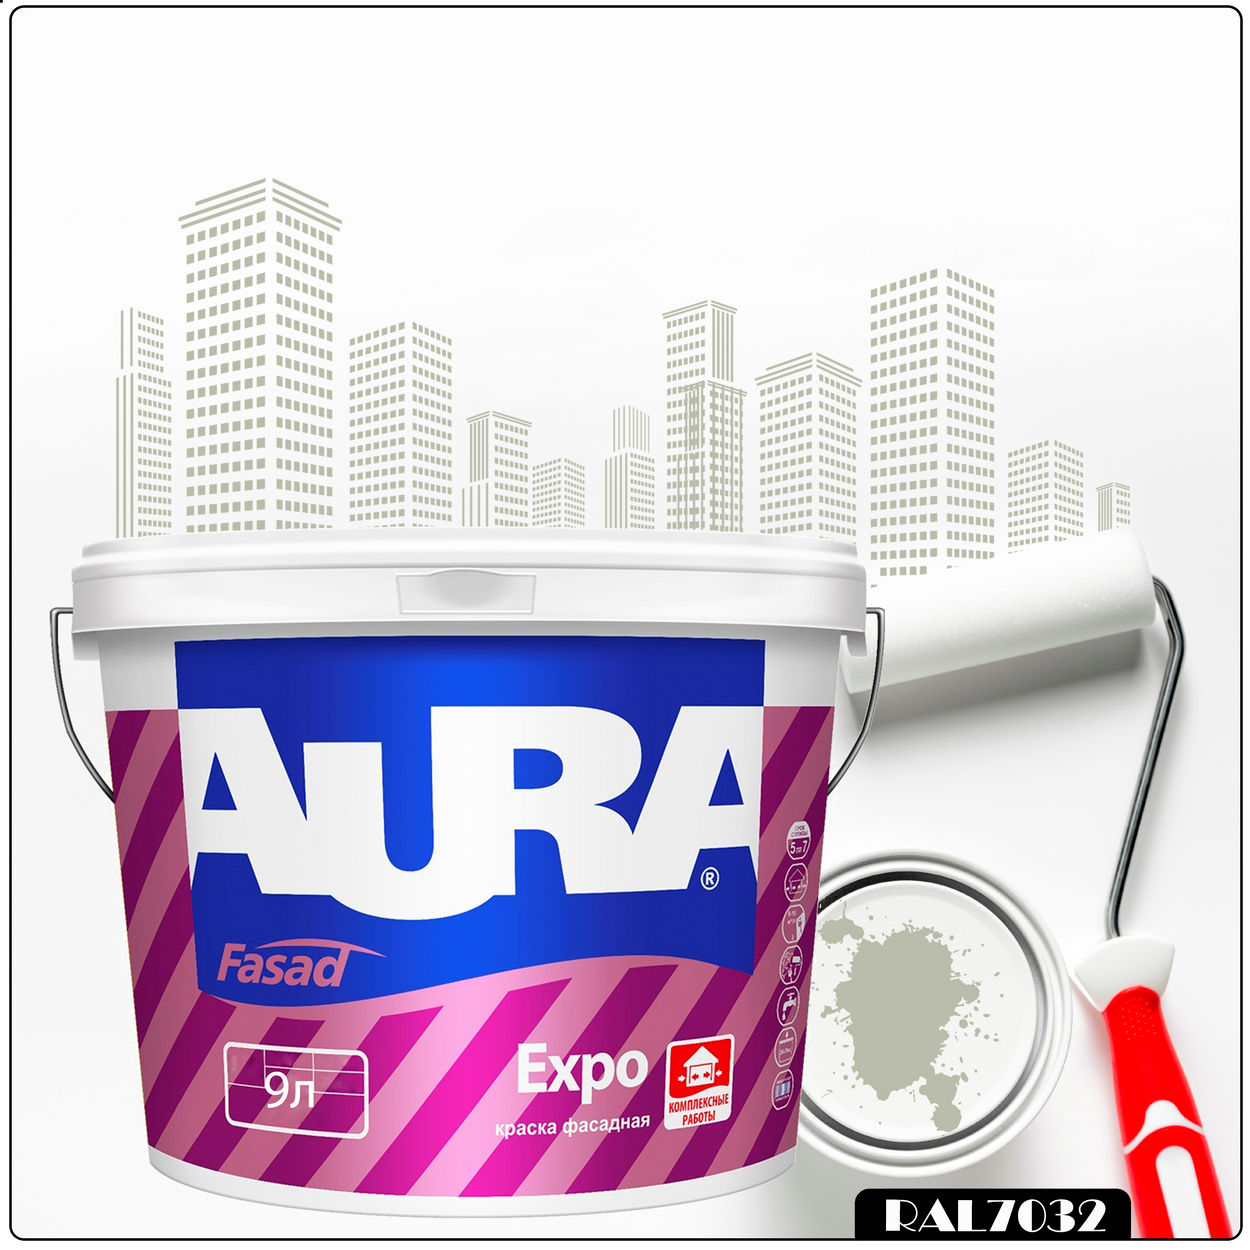 Фото 23 - Краска Aura Fasad Expo, RAL 7032 Серая-галька, матовая, для фасадов и помещений с повышенной влажностью, 9л.